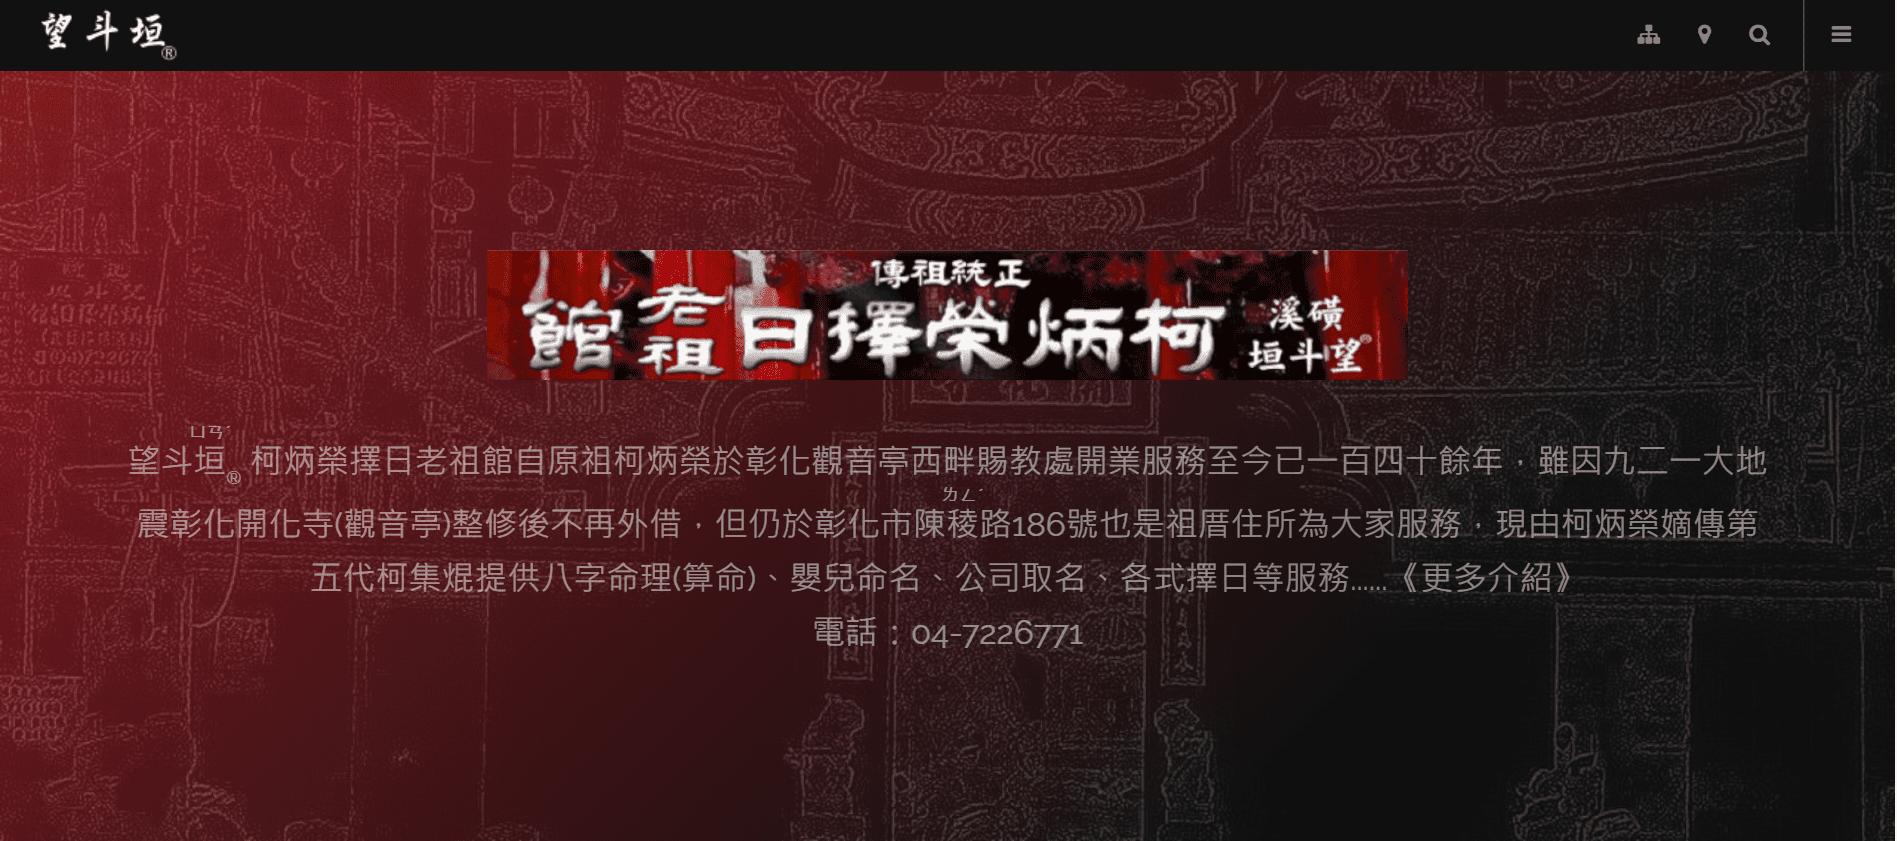 望斗垣® -嫁娶、結婚、訂婚擇日、安床、裁衣日課、合婚、合八字、合日子